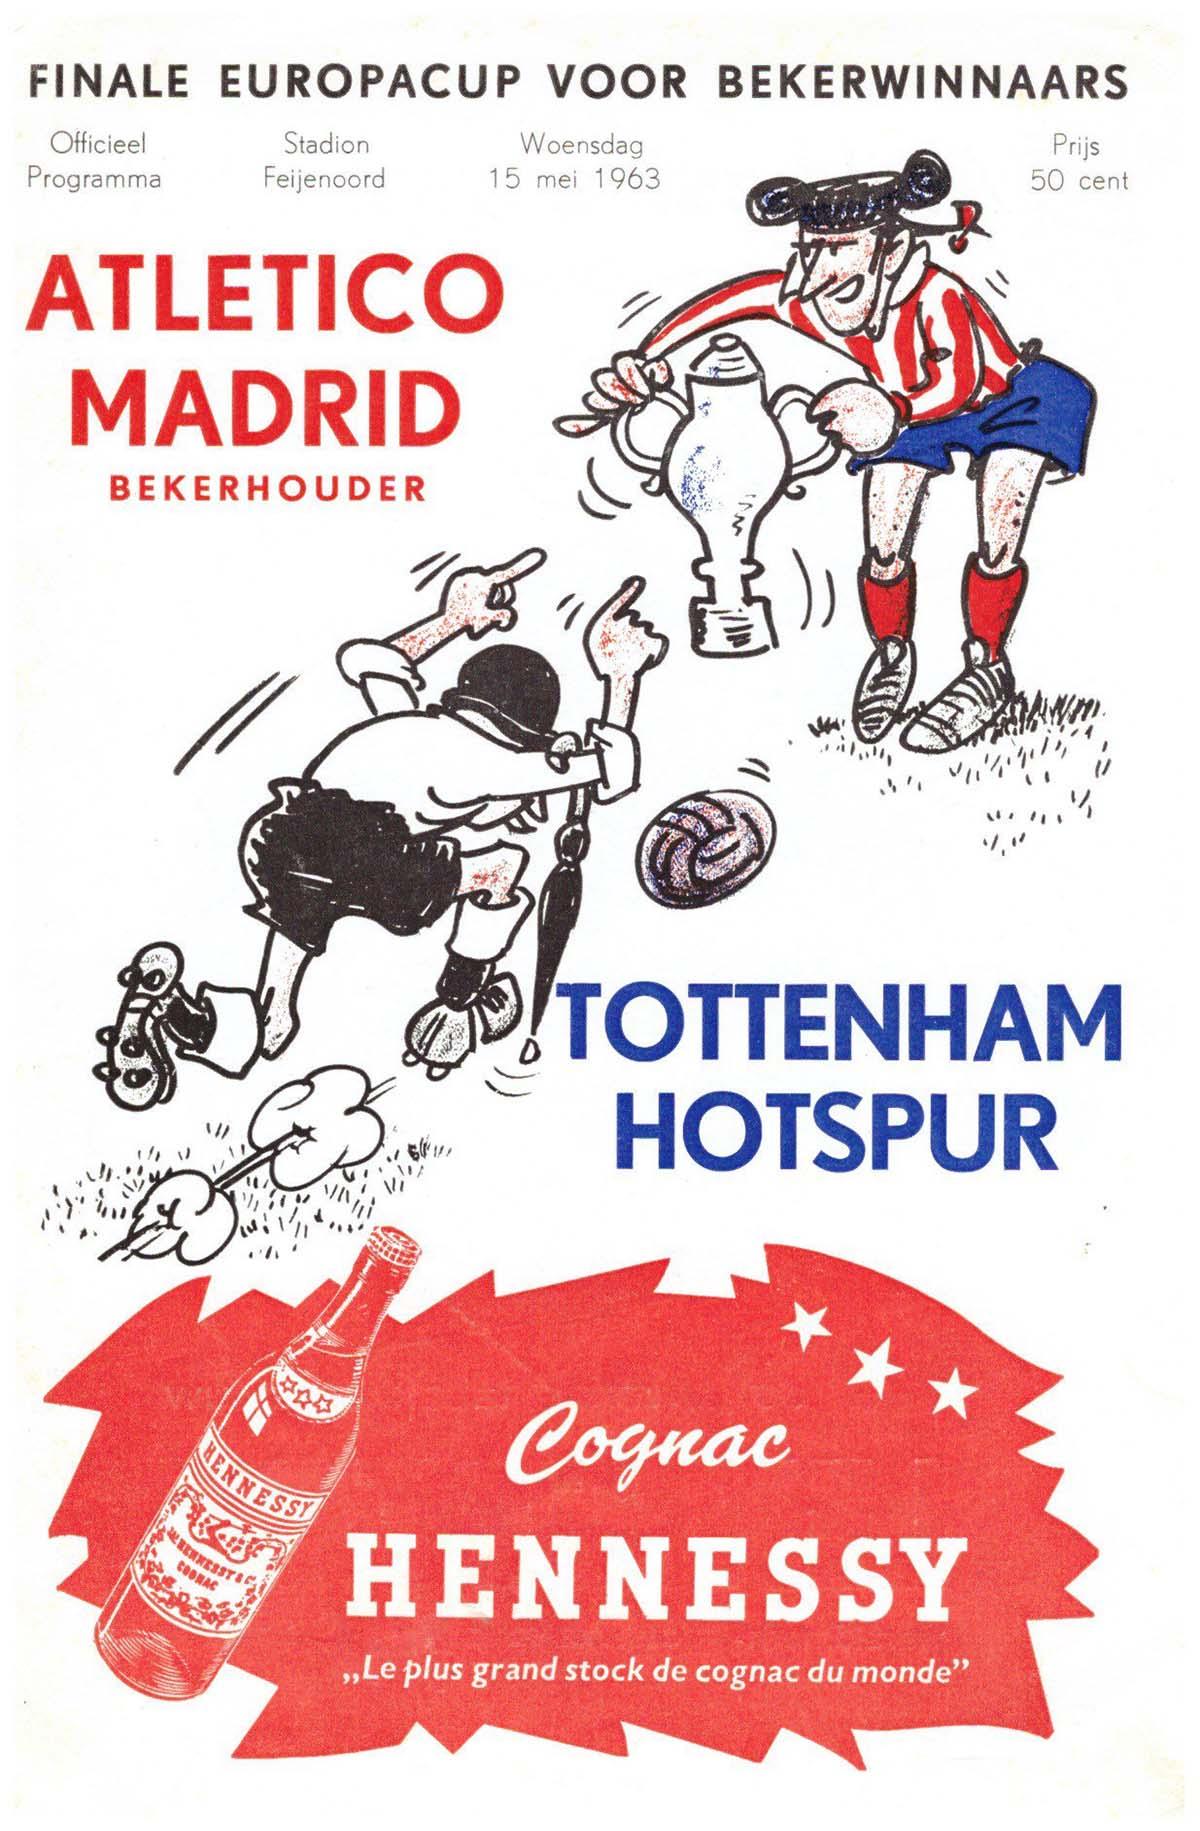 1963 ECWC Final programme Spurs